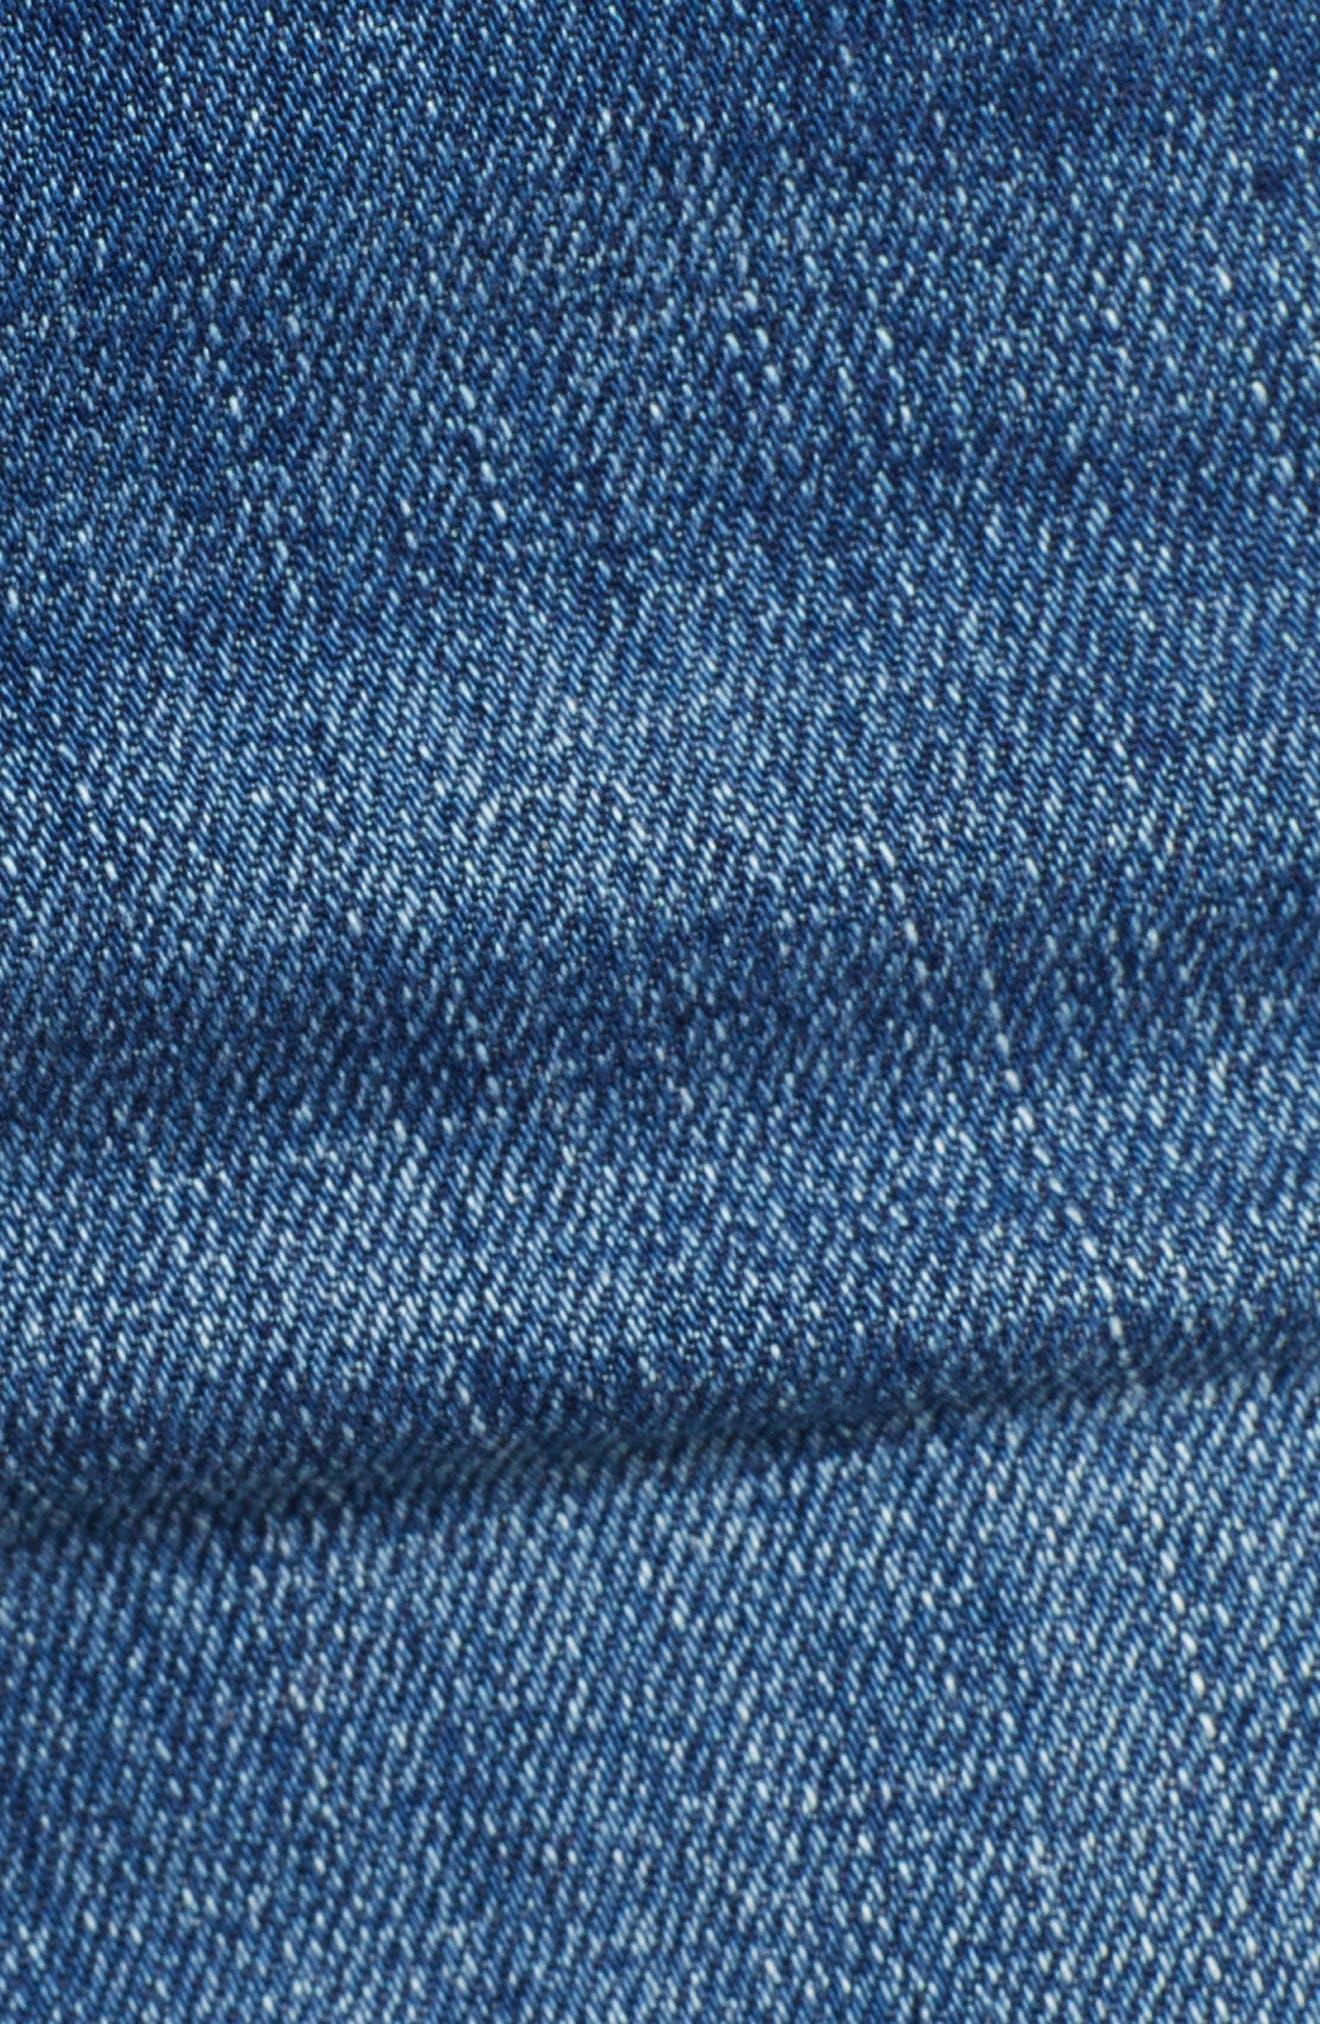 TJW Denim Shorts,                             Alternate thumbnail 3, color,                             Newport Blue